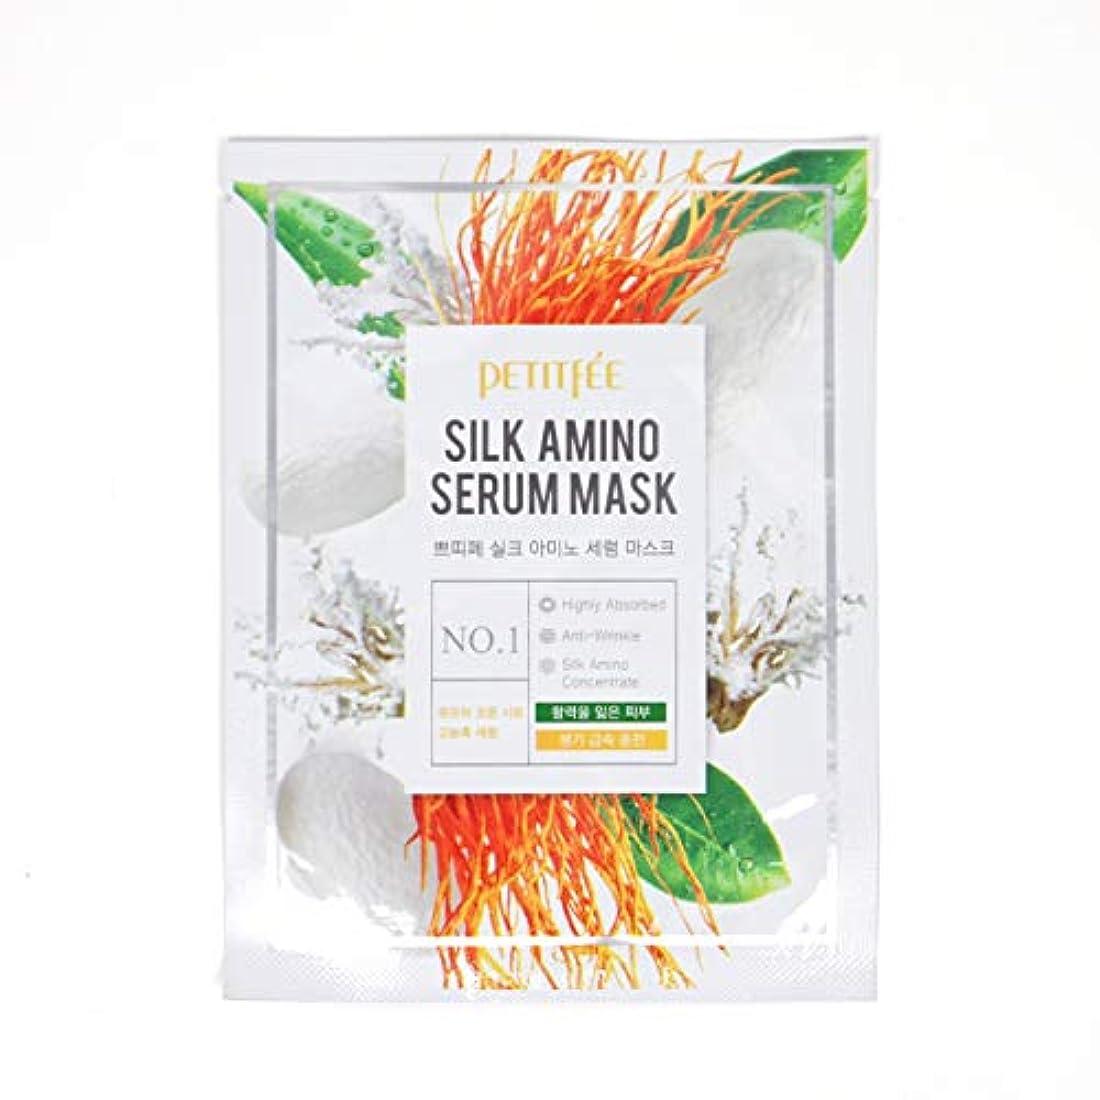 アクセサリーヶ月目教会PETITFEE (プチペ) シルクアミノセラムマスク 25gx10P (保湿) / Silk Amino Serum Mask